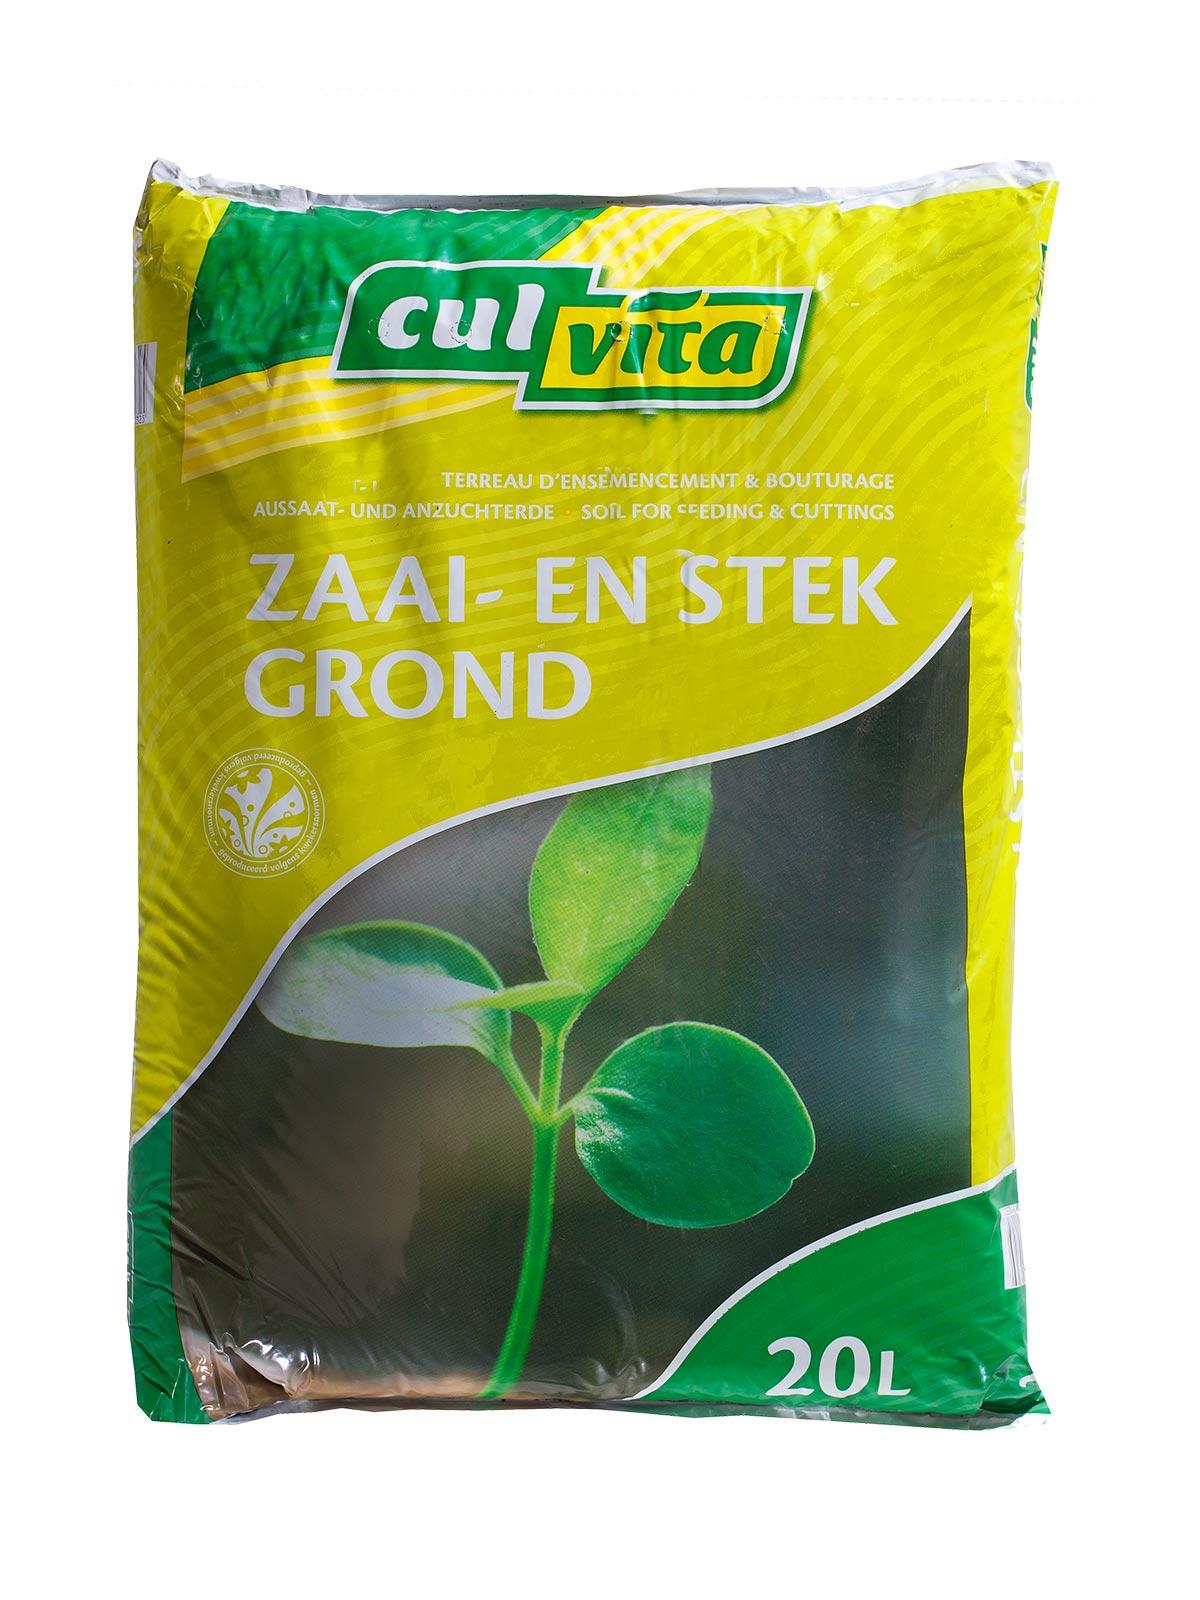 Culvita Zaai  & Stekgrond | Culvita.nl